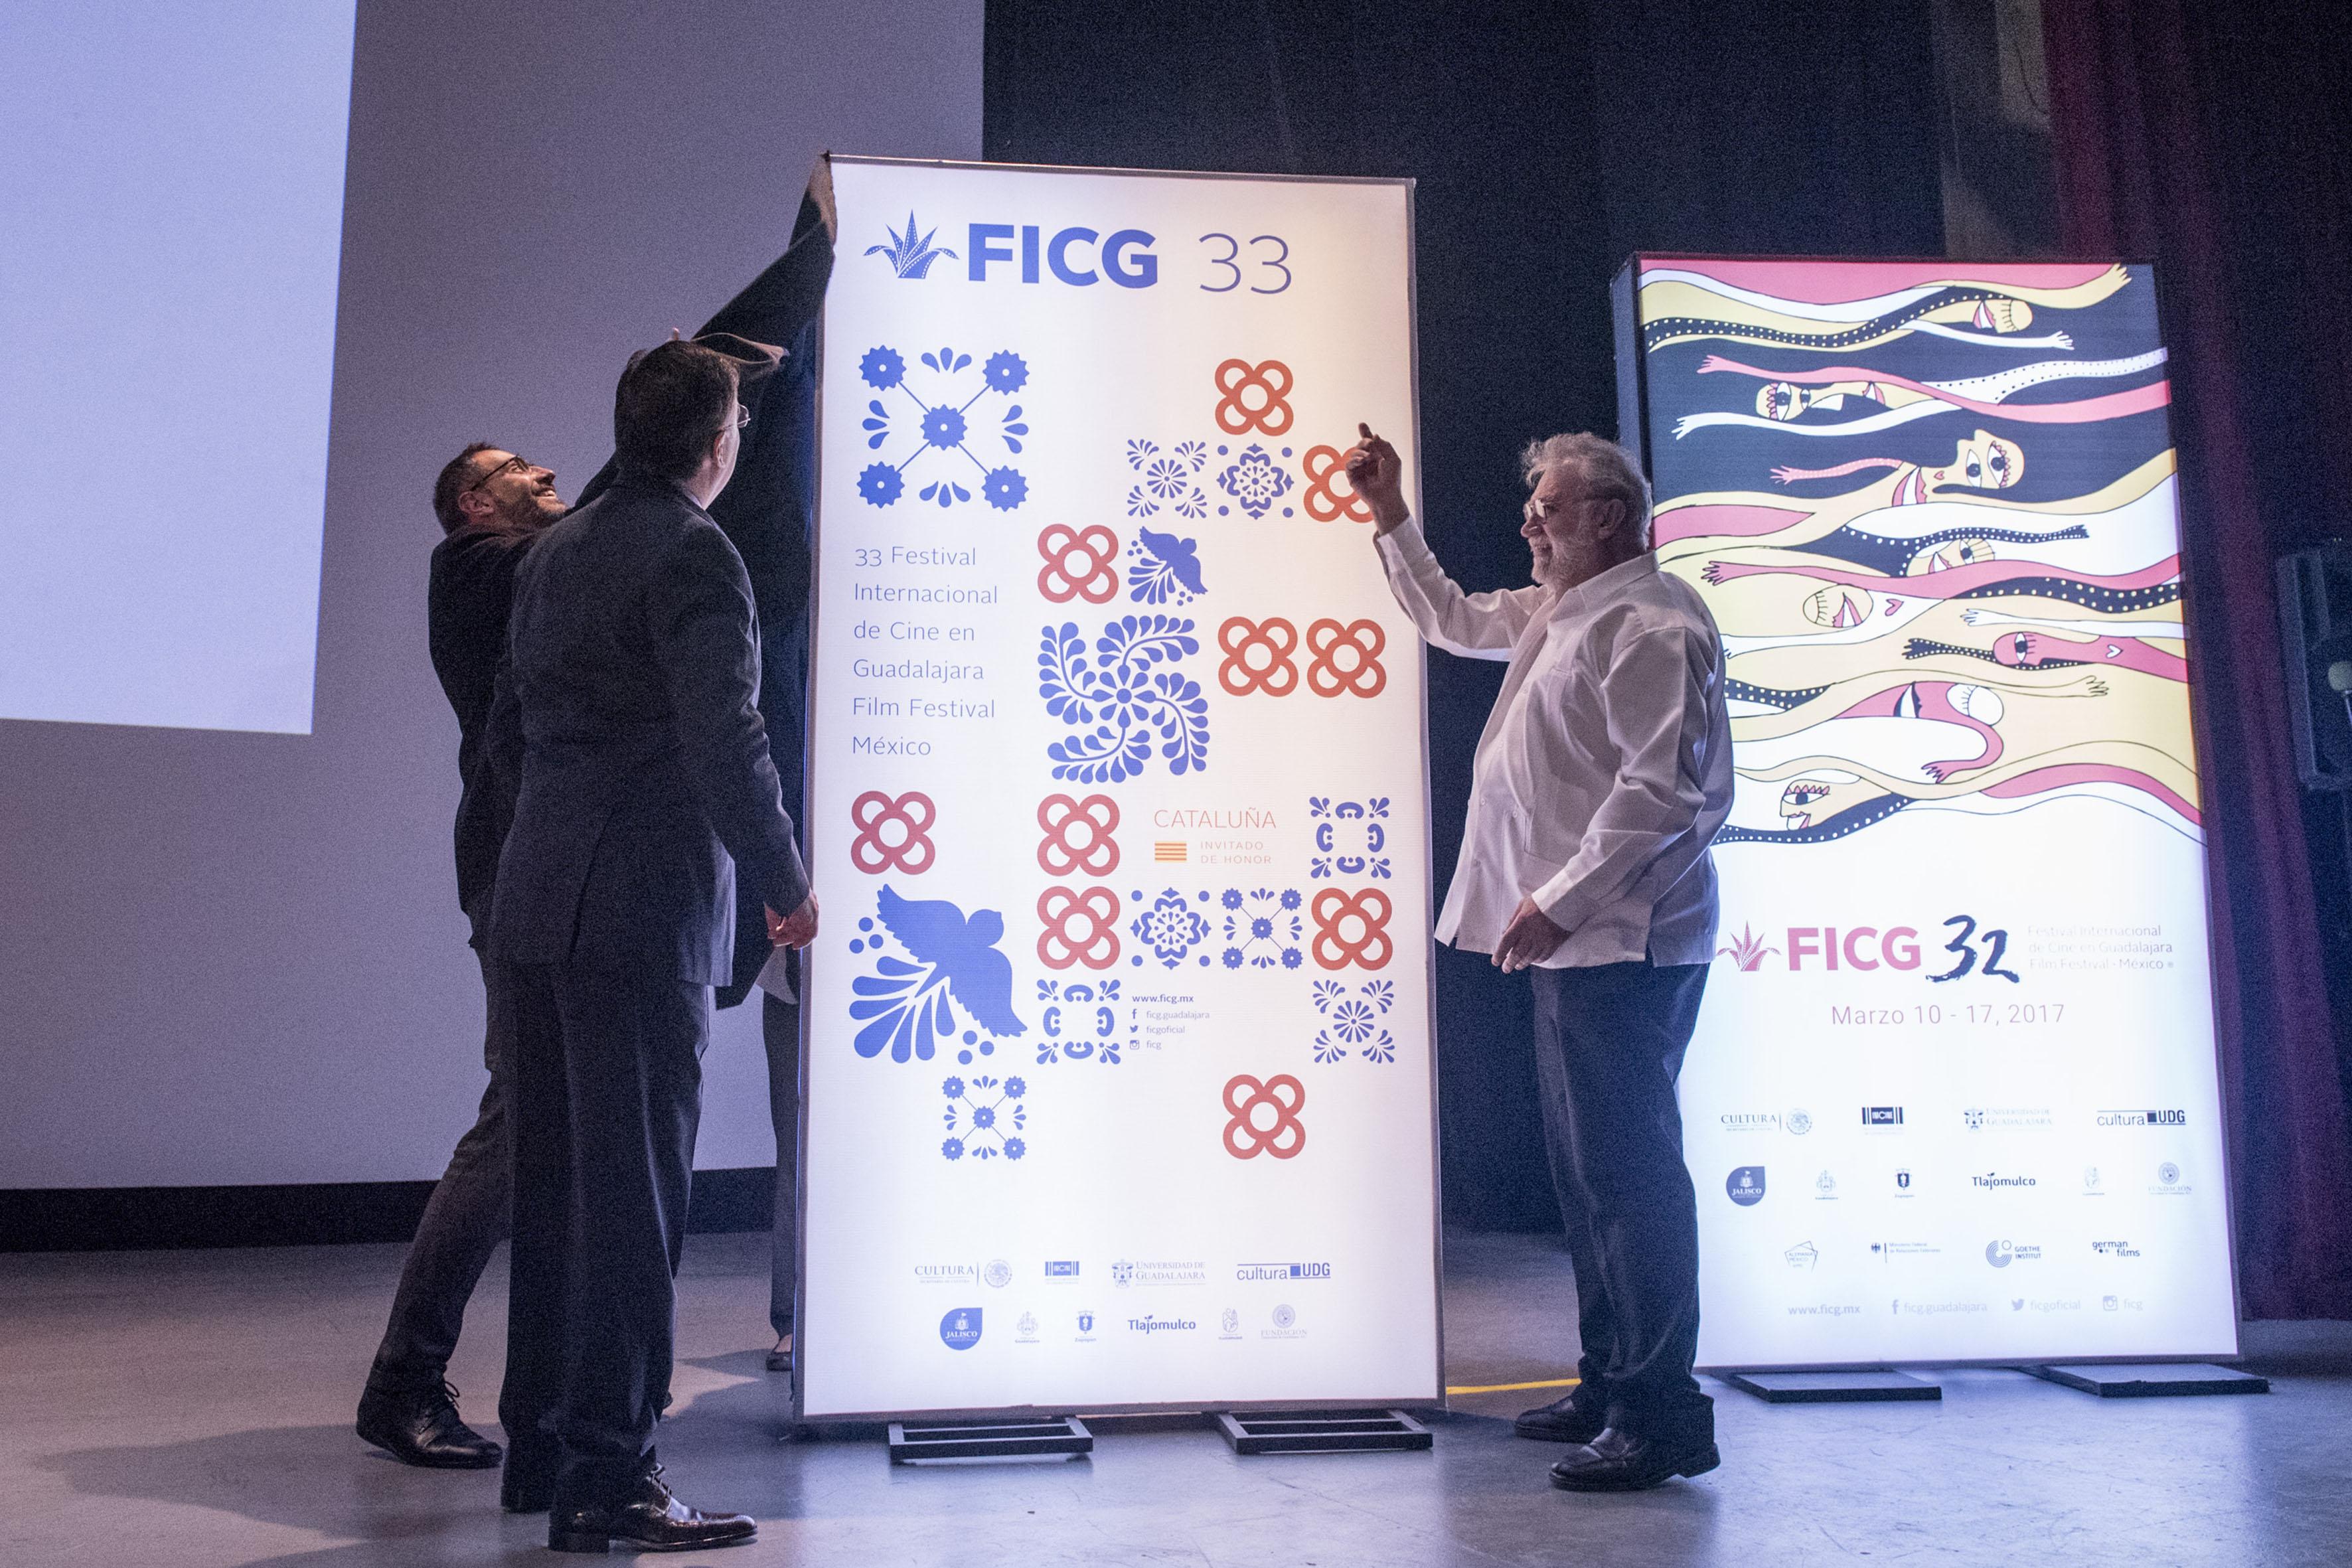 El director del Instituto Ramón Llull de Cataluña, el Rector general de la Universidad de Guadalajara  y el presidente general de la FICG; develando el cartél del FICG33, del invitado de honor para el próximo año.